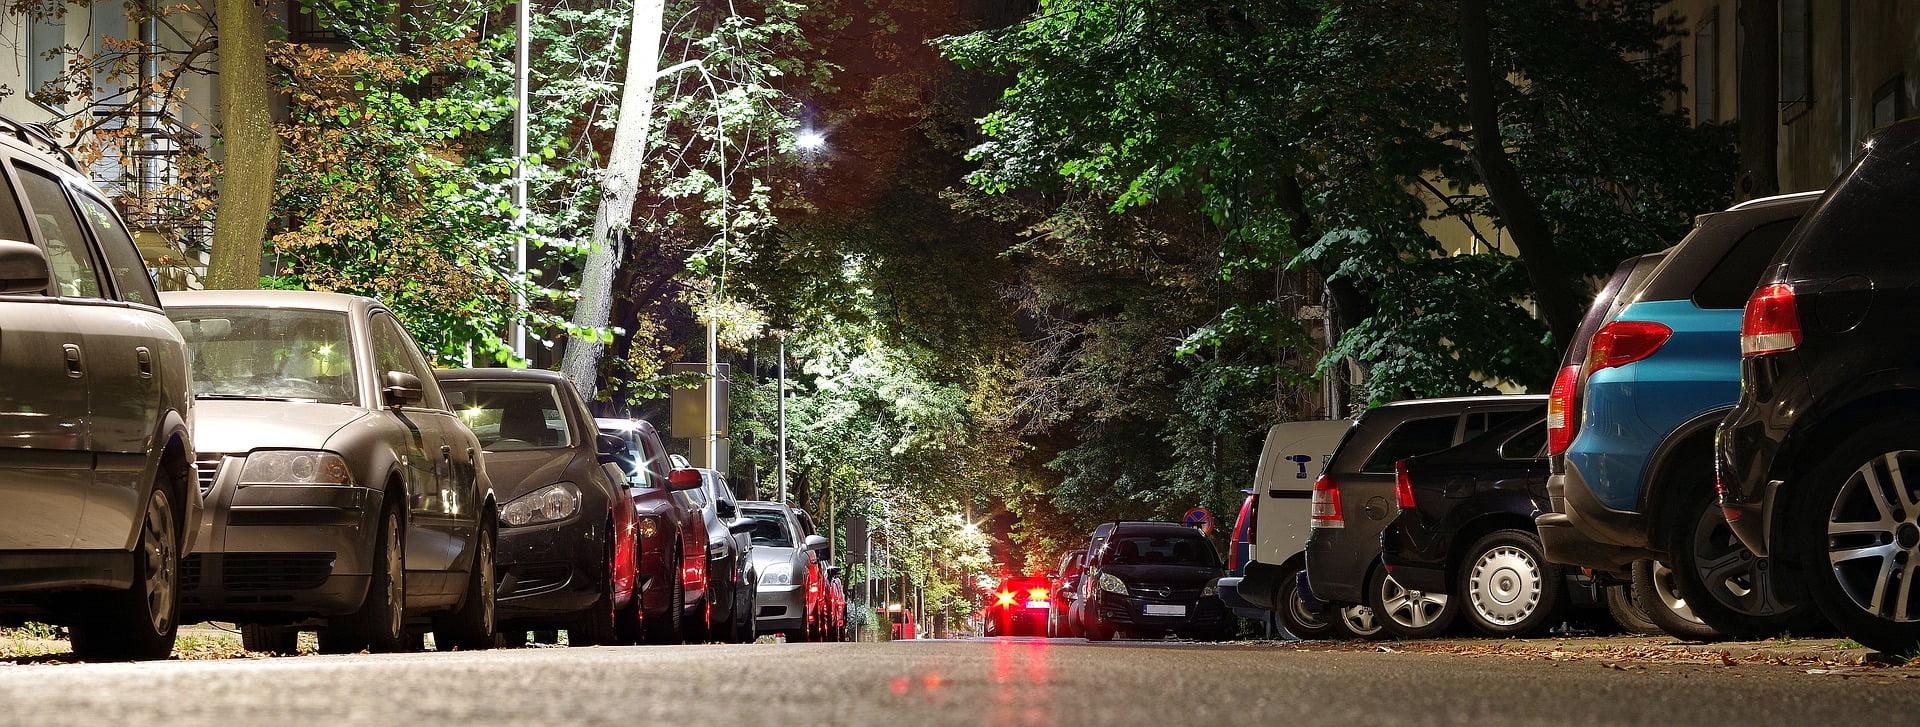 Une nouvelle voiture radar pour contrôler le stationnement dans les rues de Montpellier